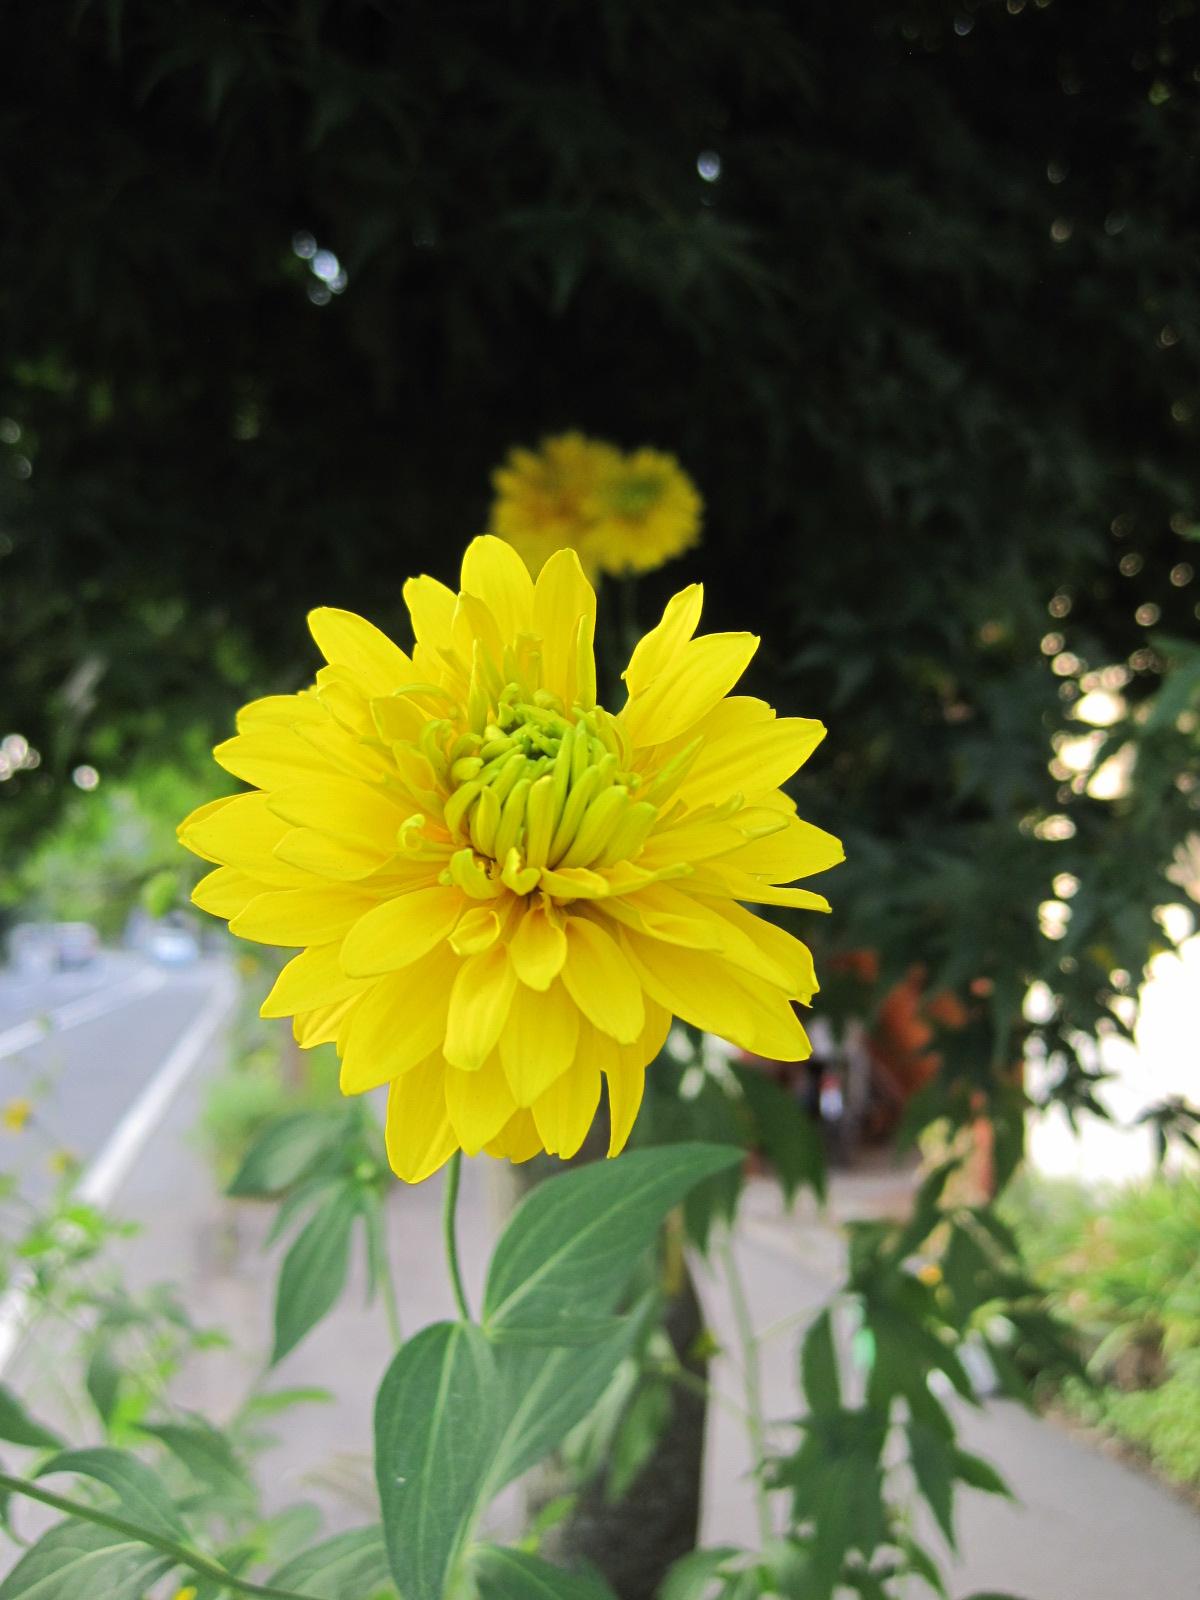 夏の軽井沢の花々/「ちゃたまや」のたまごジェラート_f0236260_23193240.jpg